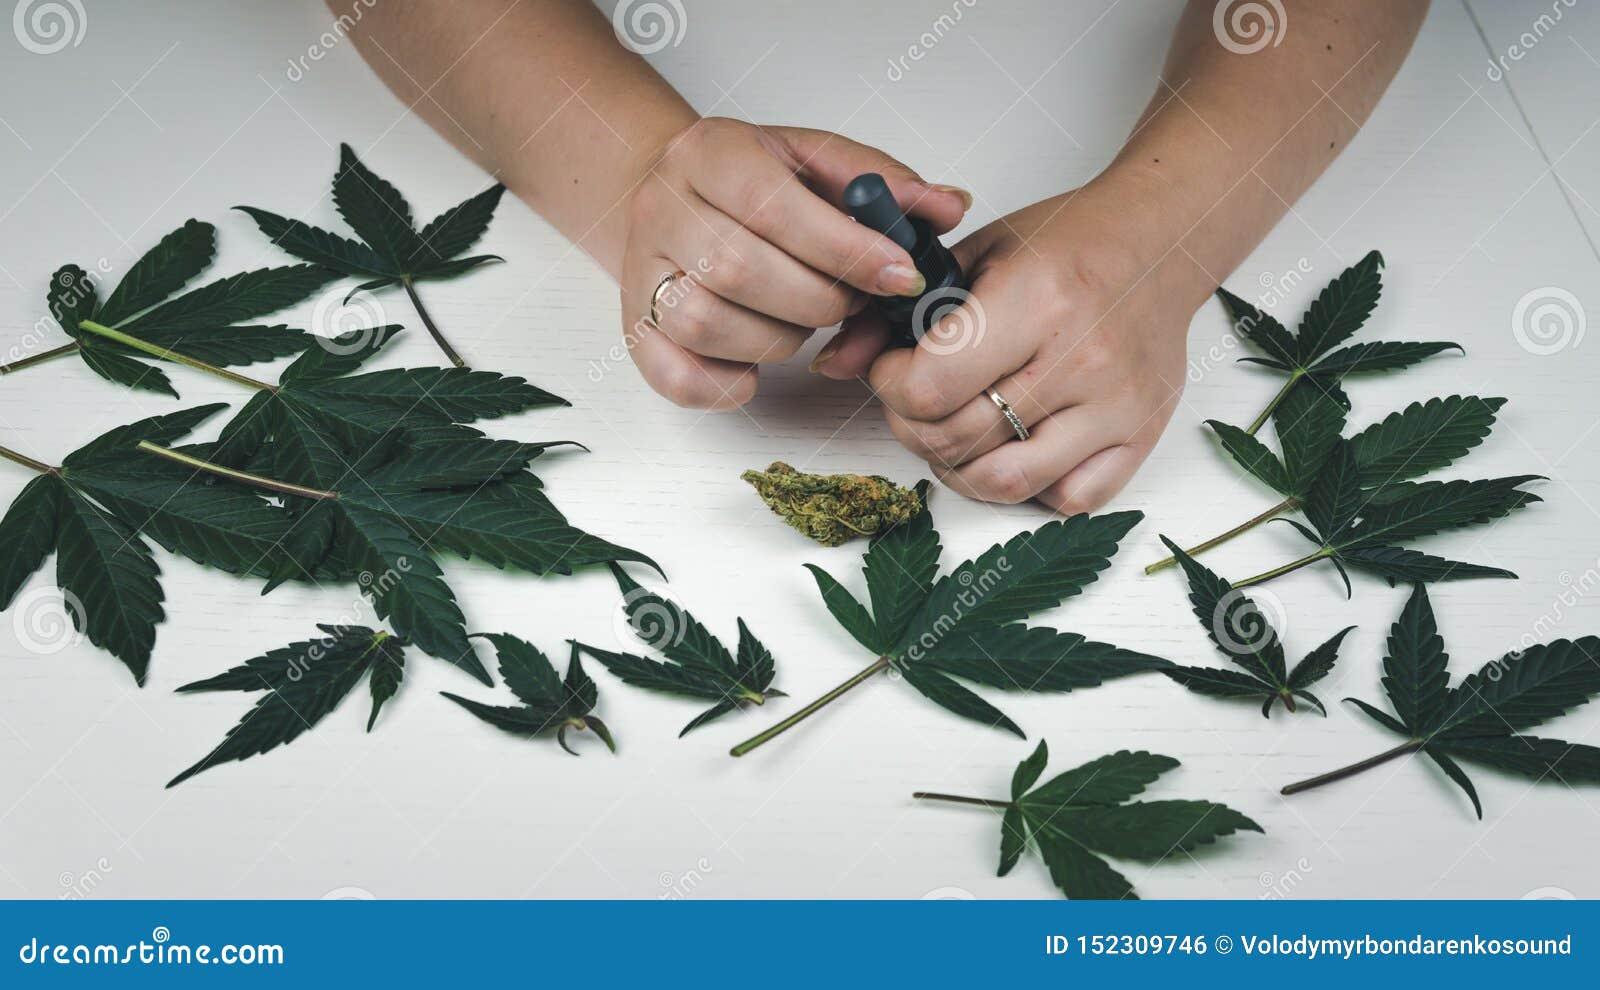 Листья молодой конопли кто покупал семена конопли в интернете